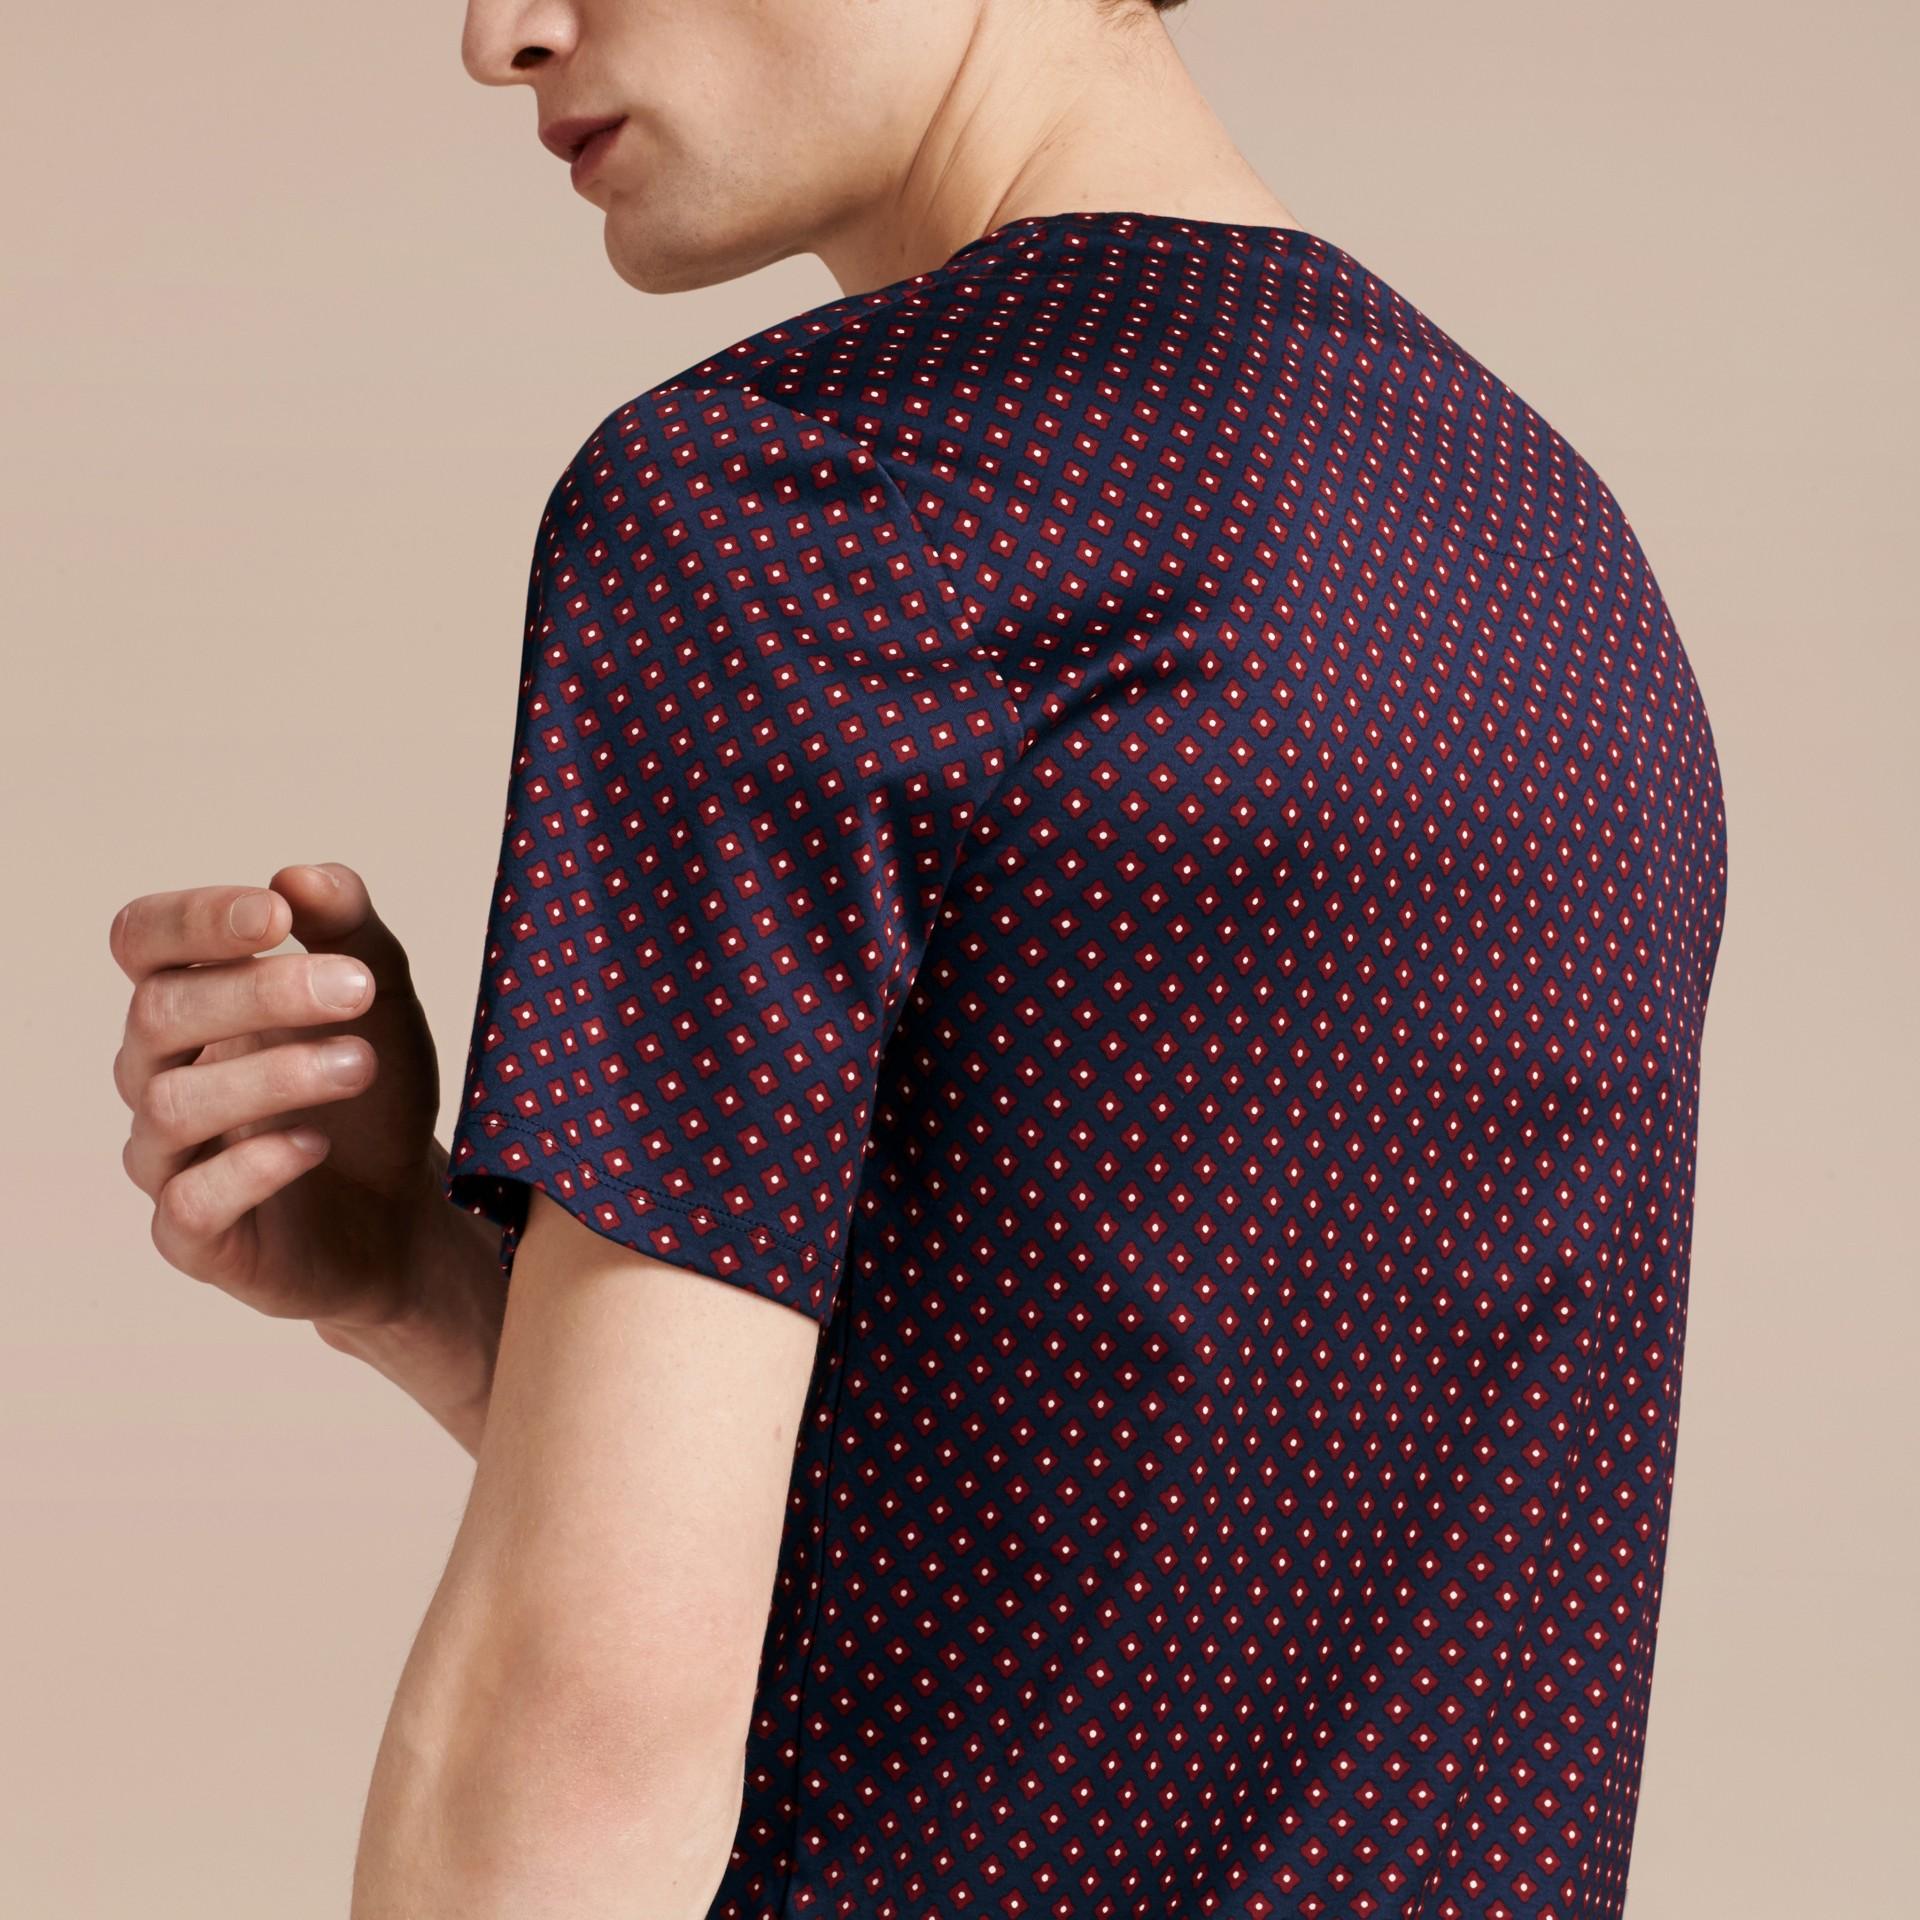 Helles marineblau Baumwoll-T-Shirt mit geometrischem Druckmotiv - Galerie-Bild 6